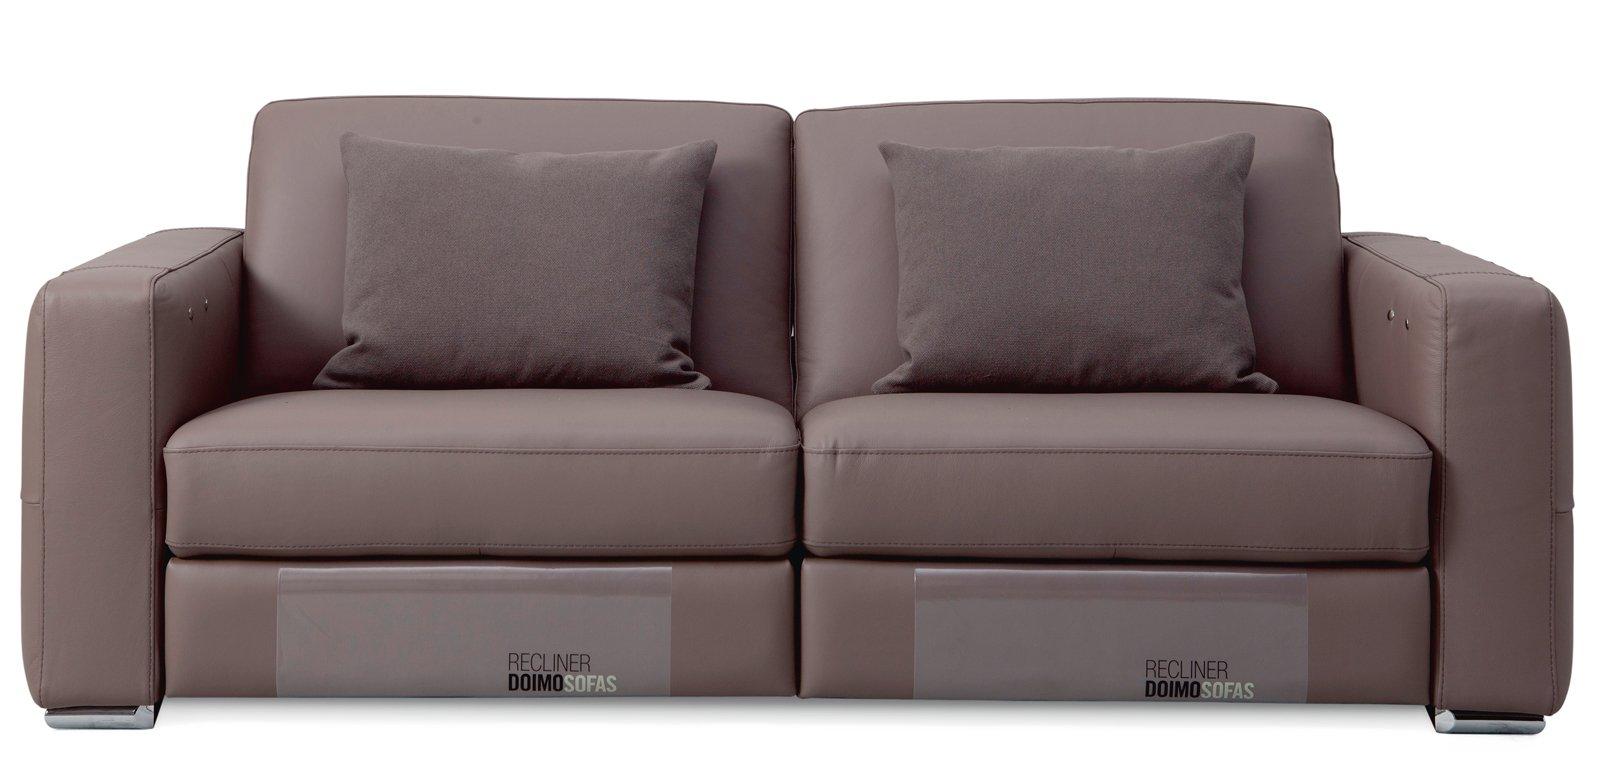 Divani da 200 a 2000 euro cose di casa - Imbottitura cuscini divano ikea ...